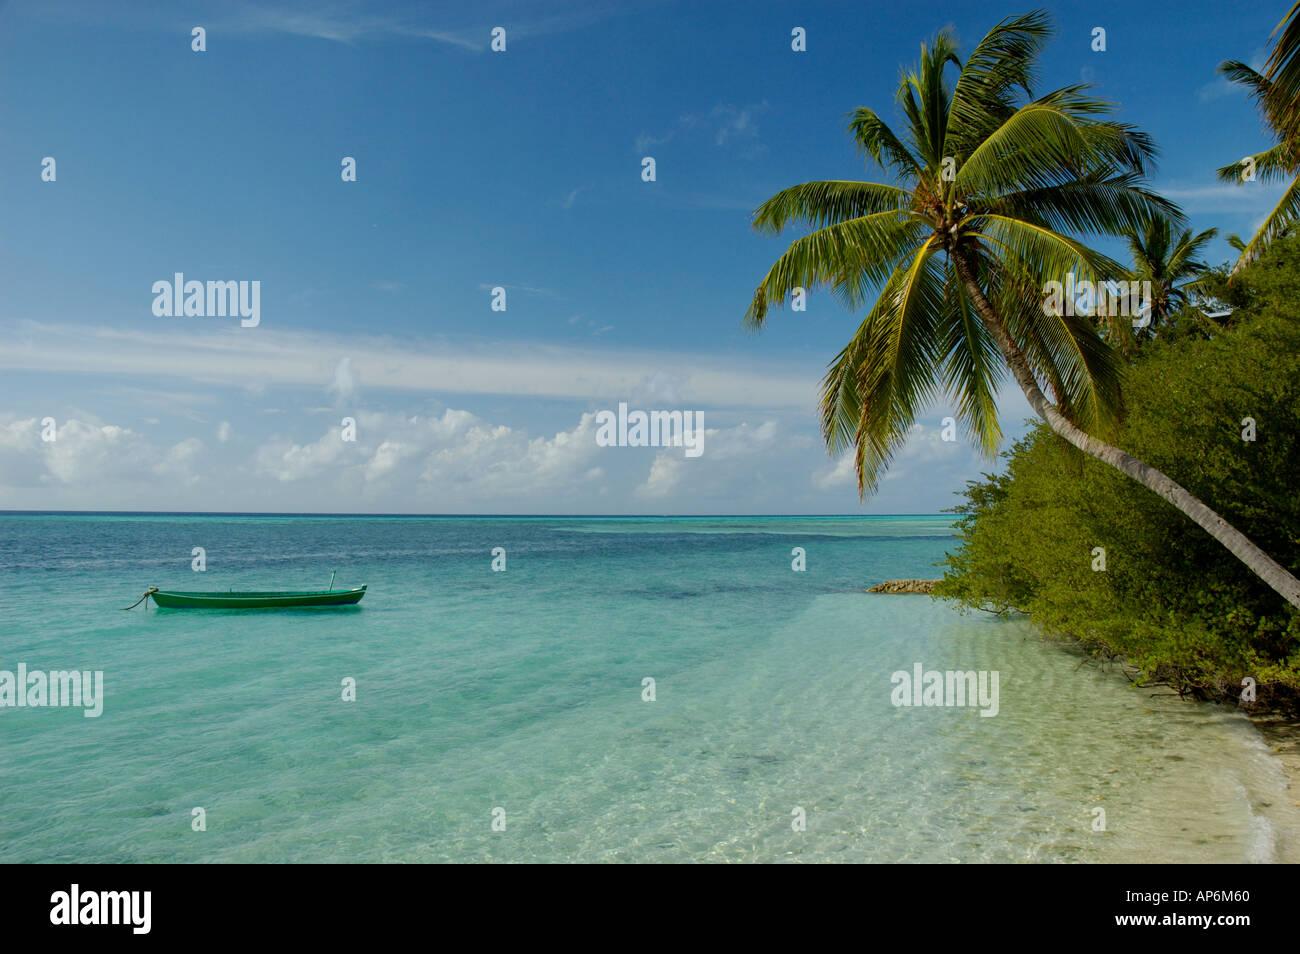 Lohifushi Island Resort